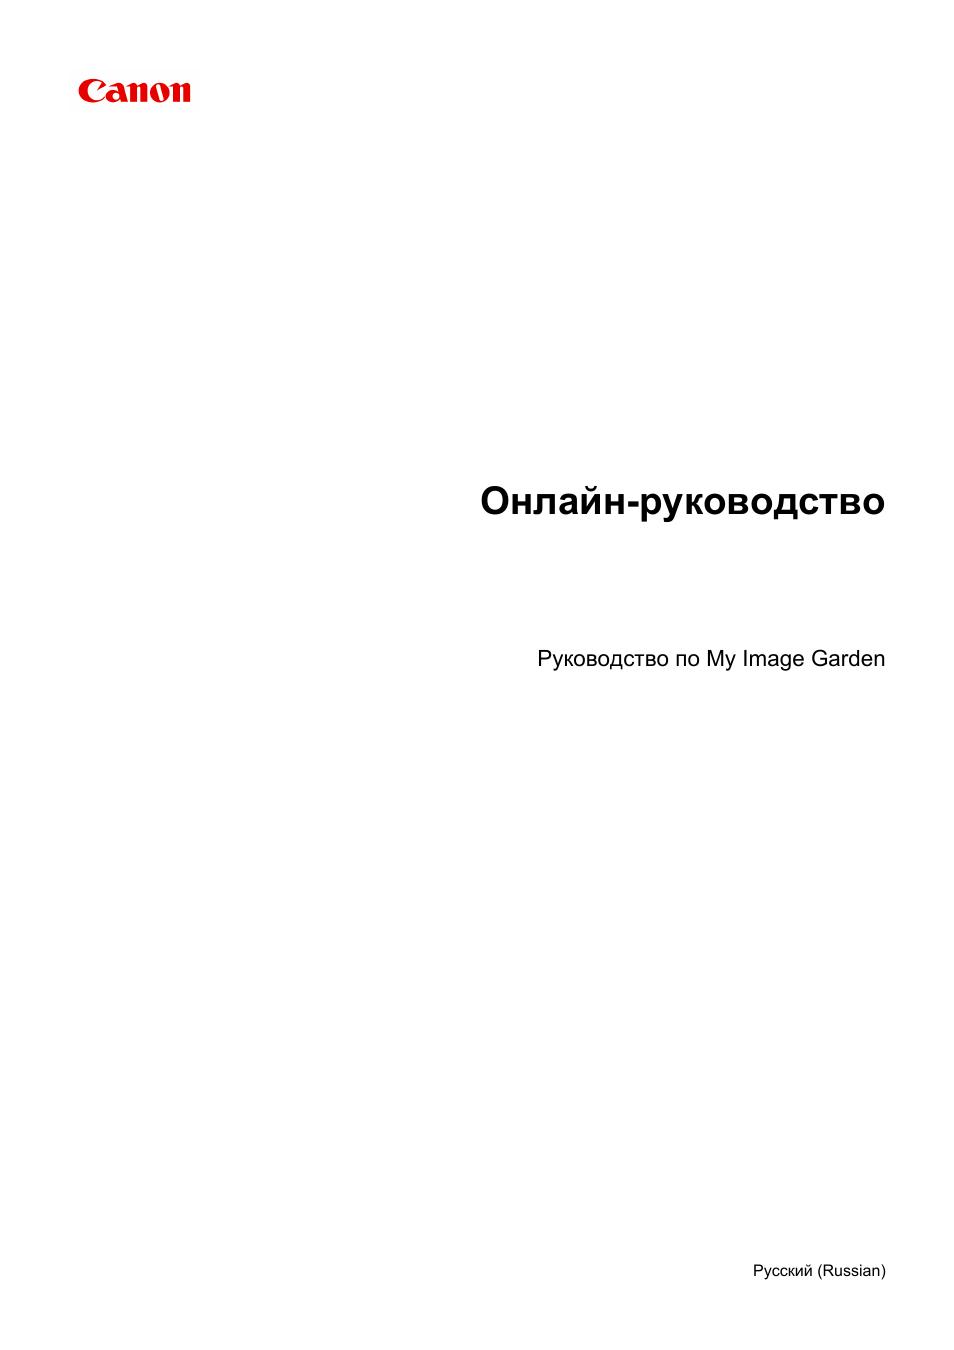 инструкция по эксплуатации принтера canon pixma mg2440